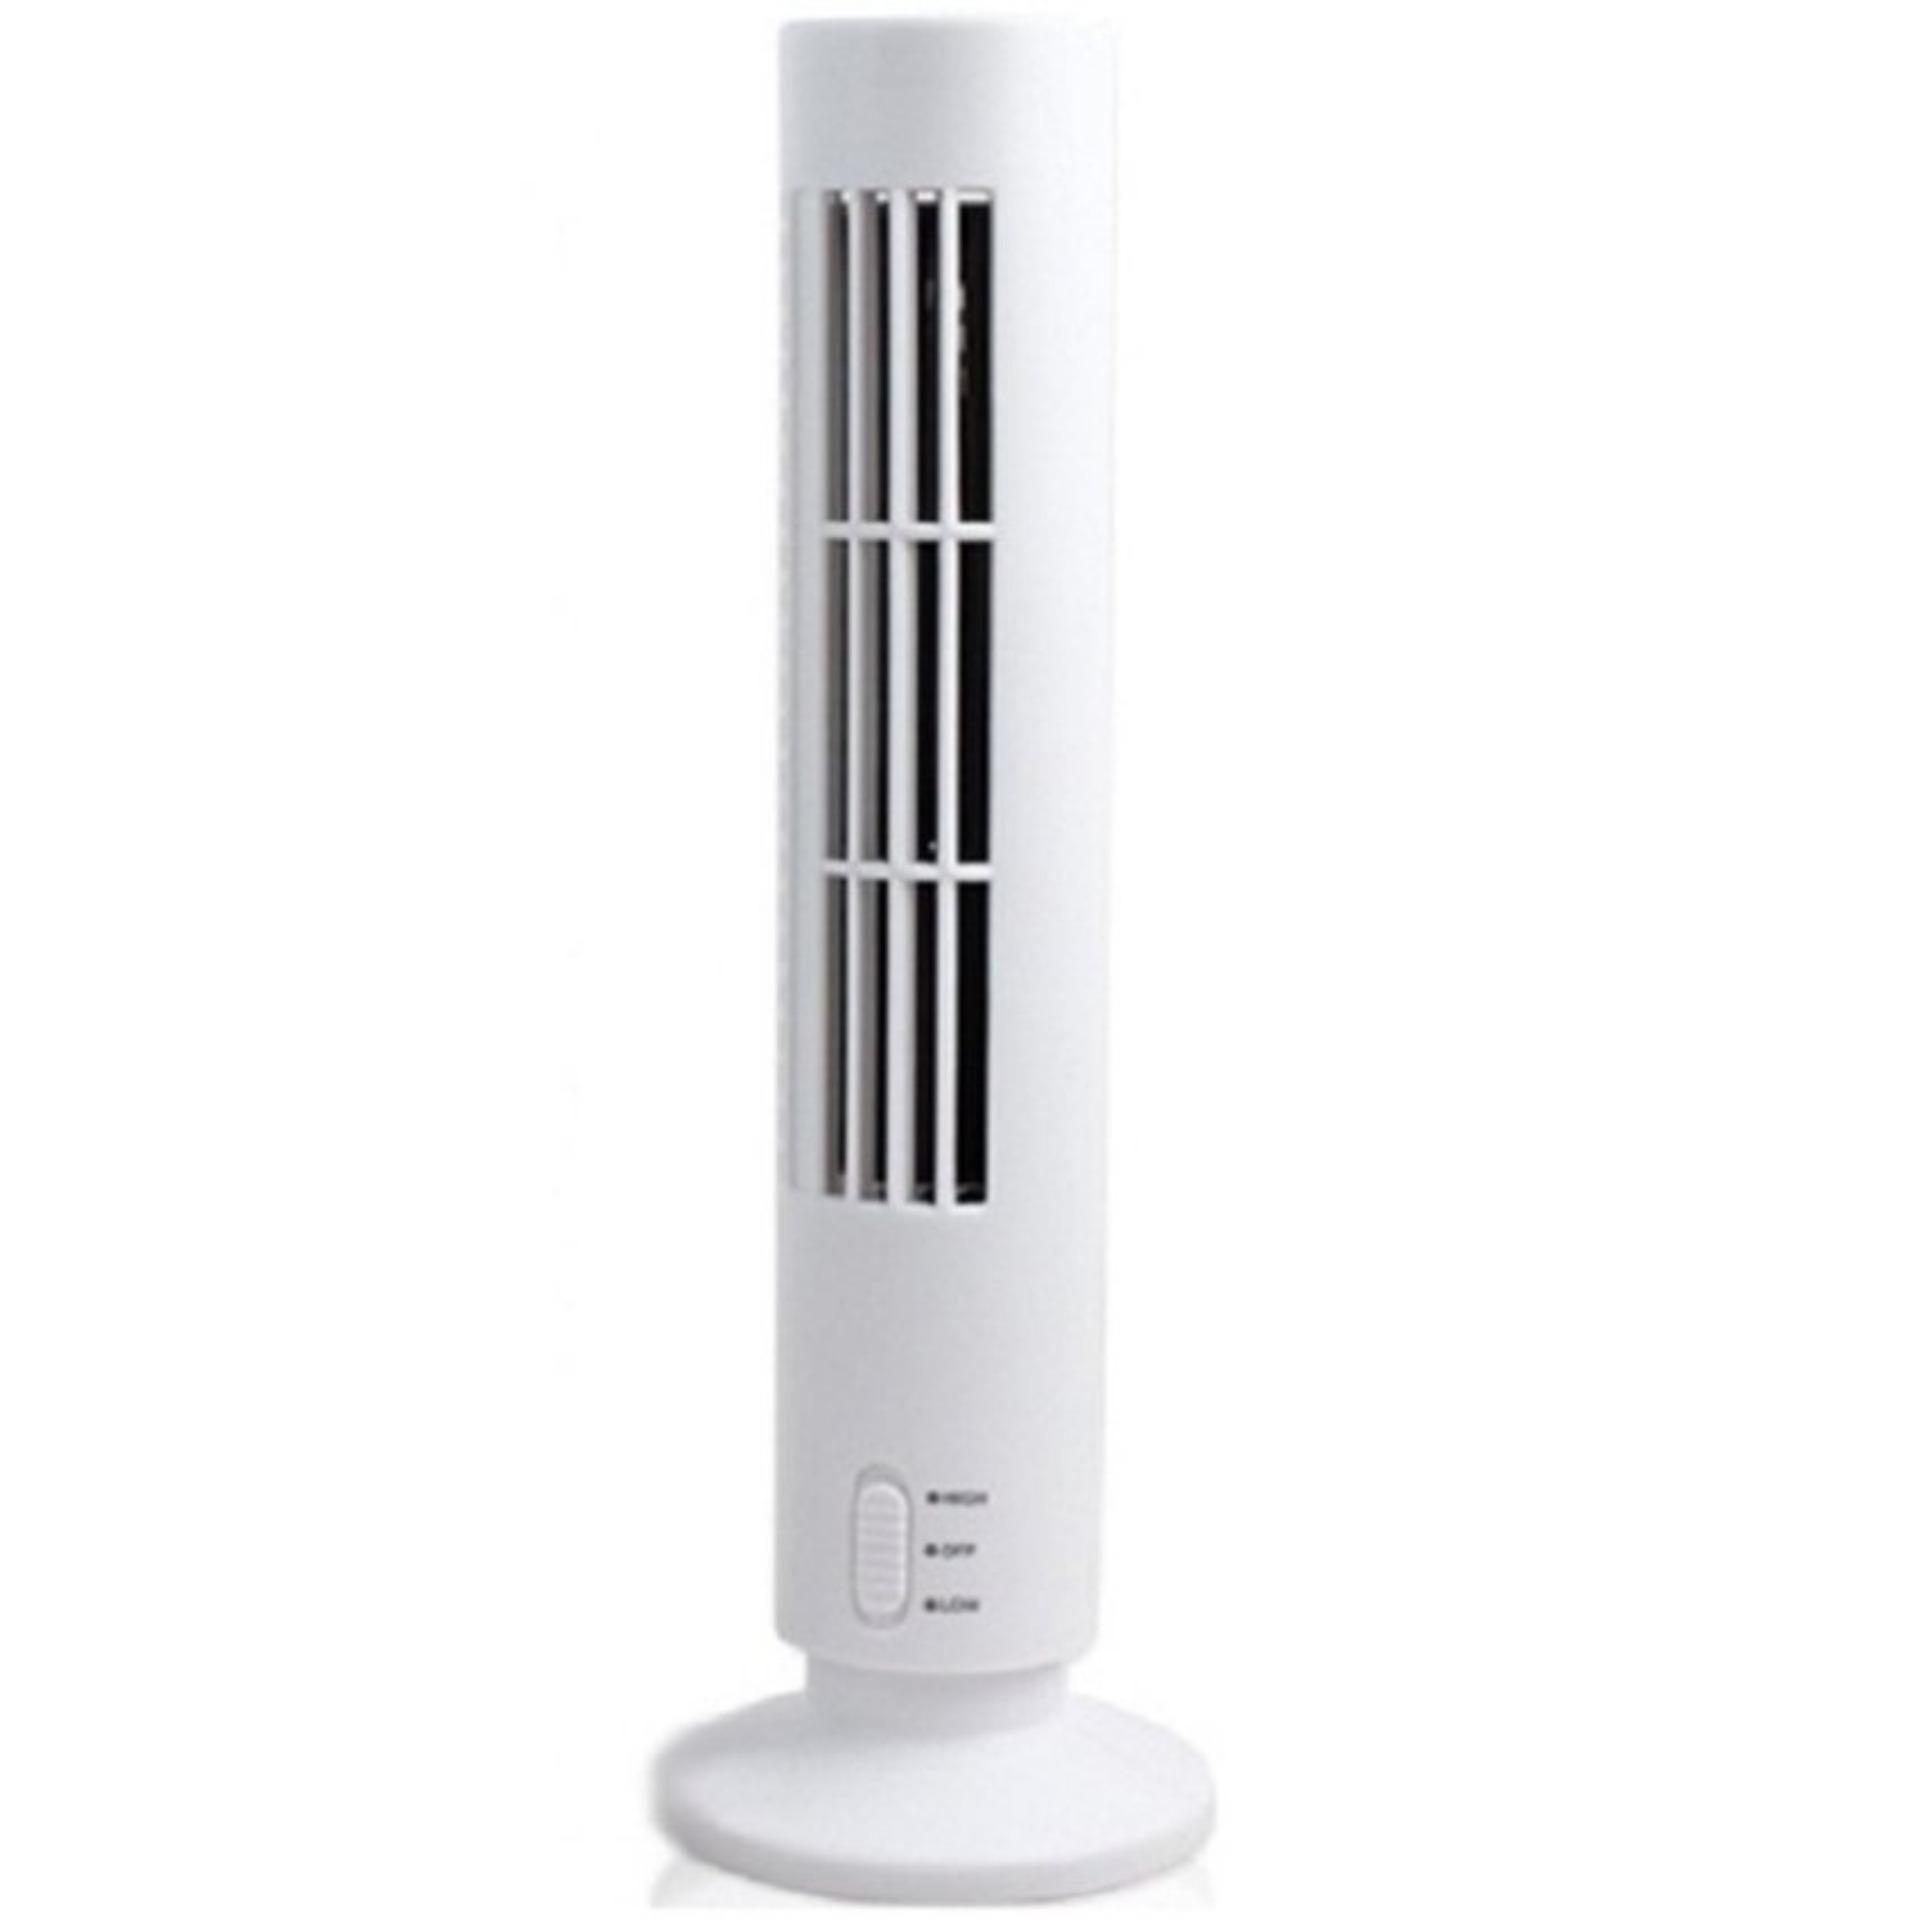 Quạt tháp điều hòa tiết kiệm năng lượng Tower Fan (Trắng)